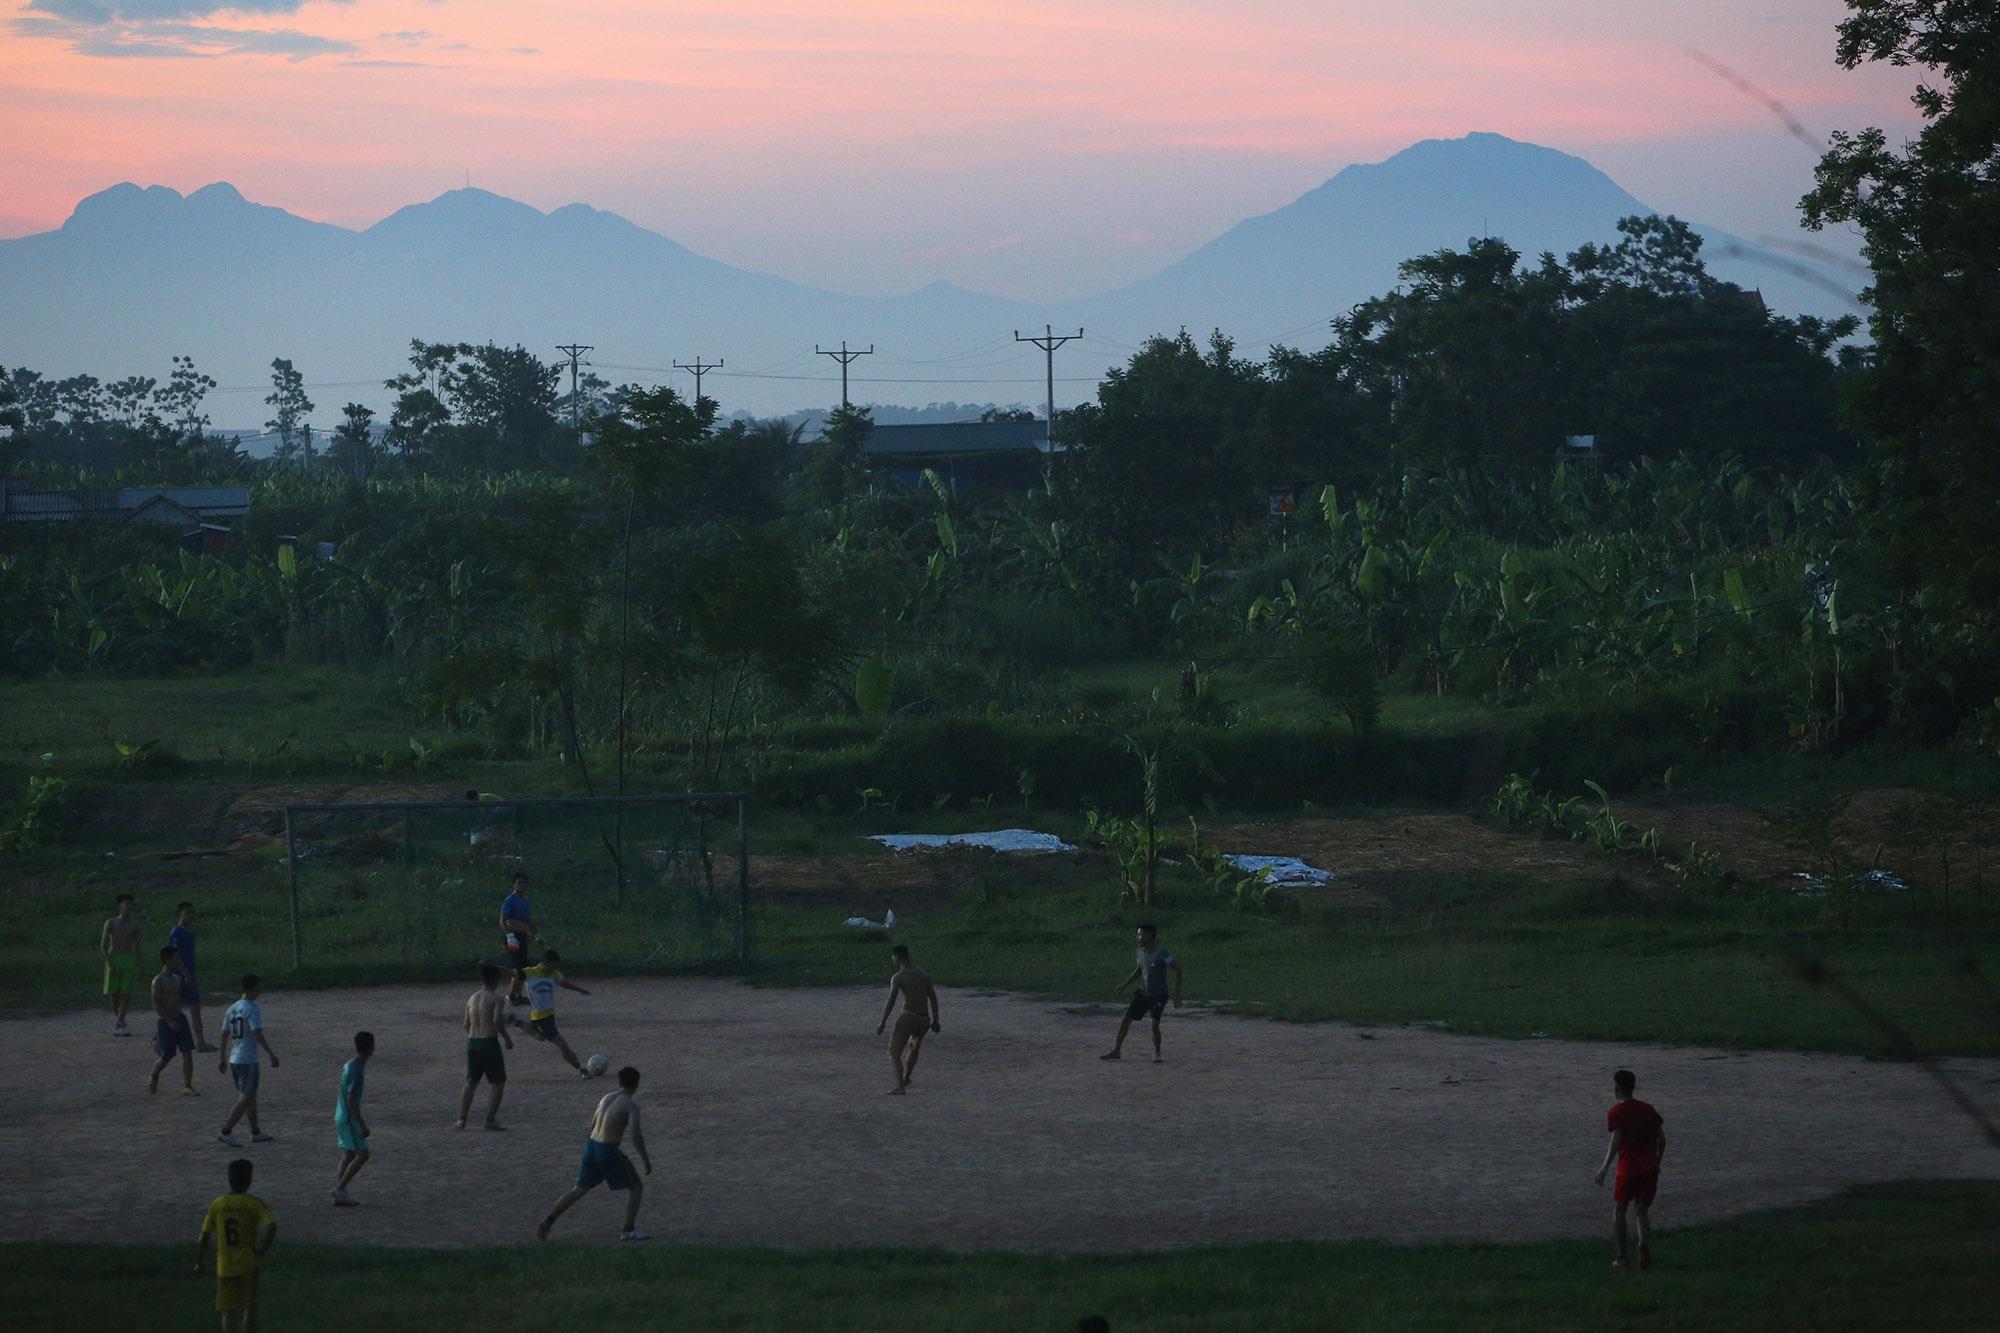 Phong cảnh bình yên nhìn từ những triền đê ở Hà Nội - 15